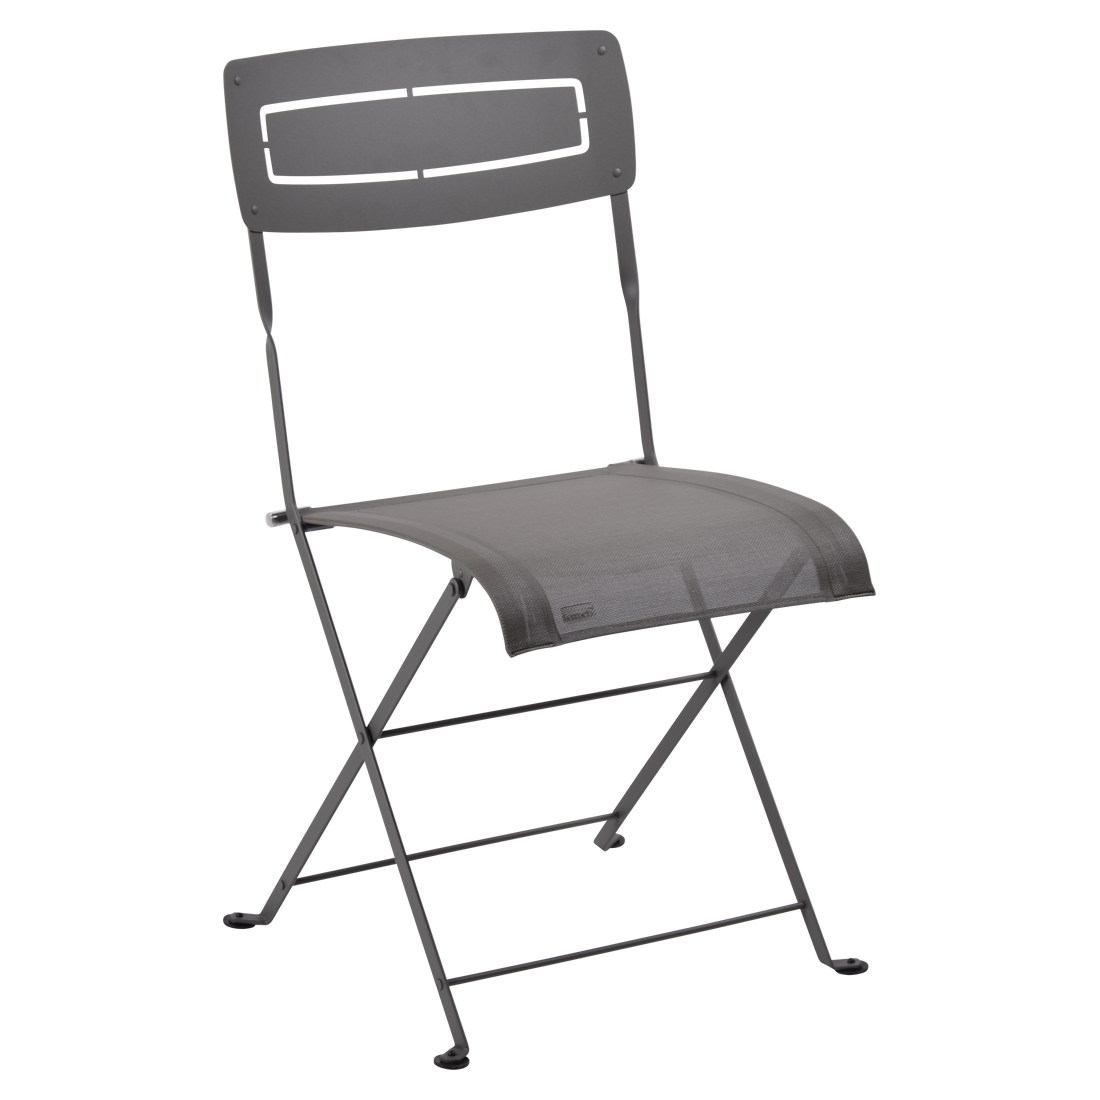 chaise pliante, chaise en toile, chaise pliante en toile, chaise pliante fermob, chaise pliante kaki